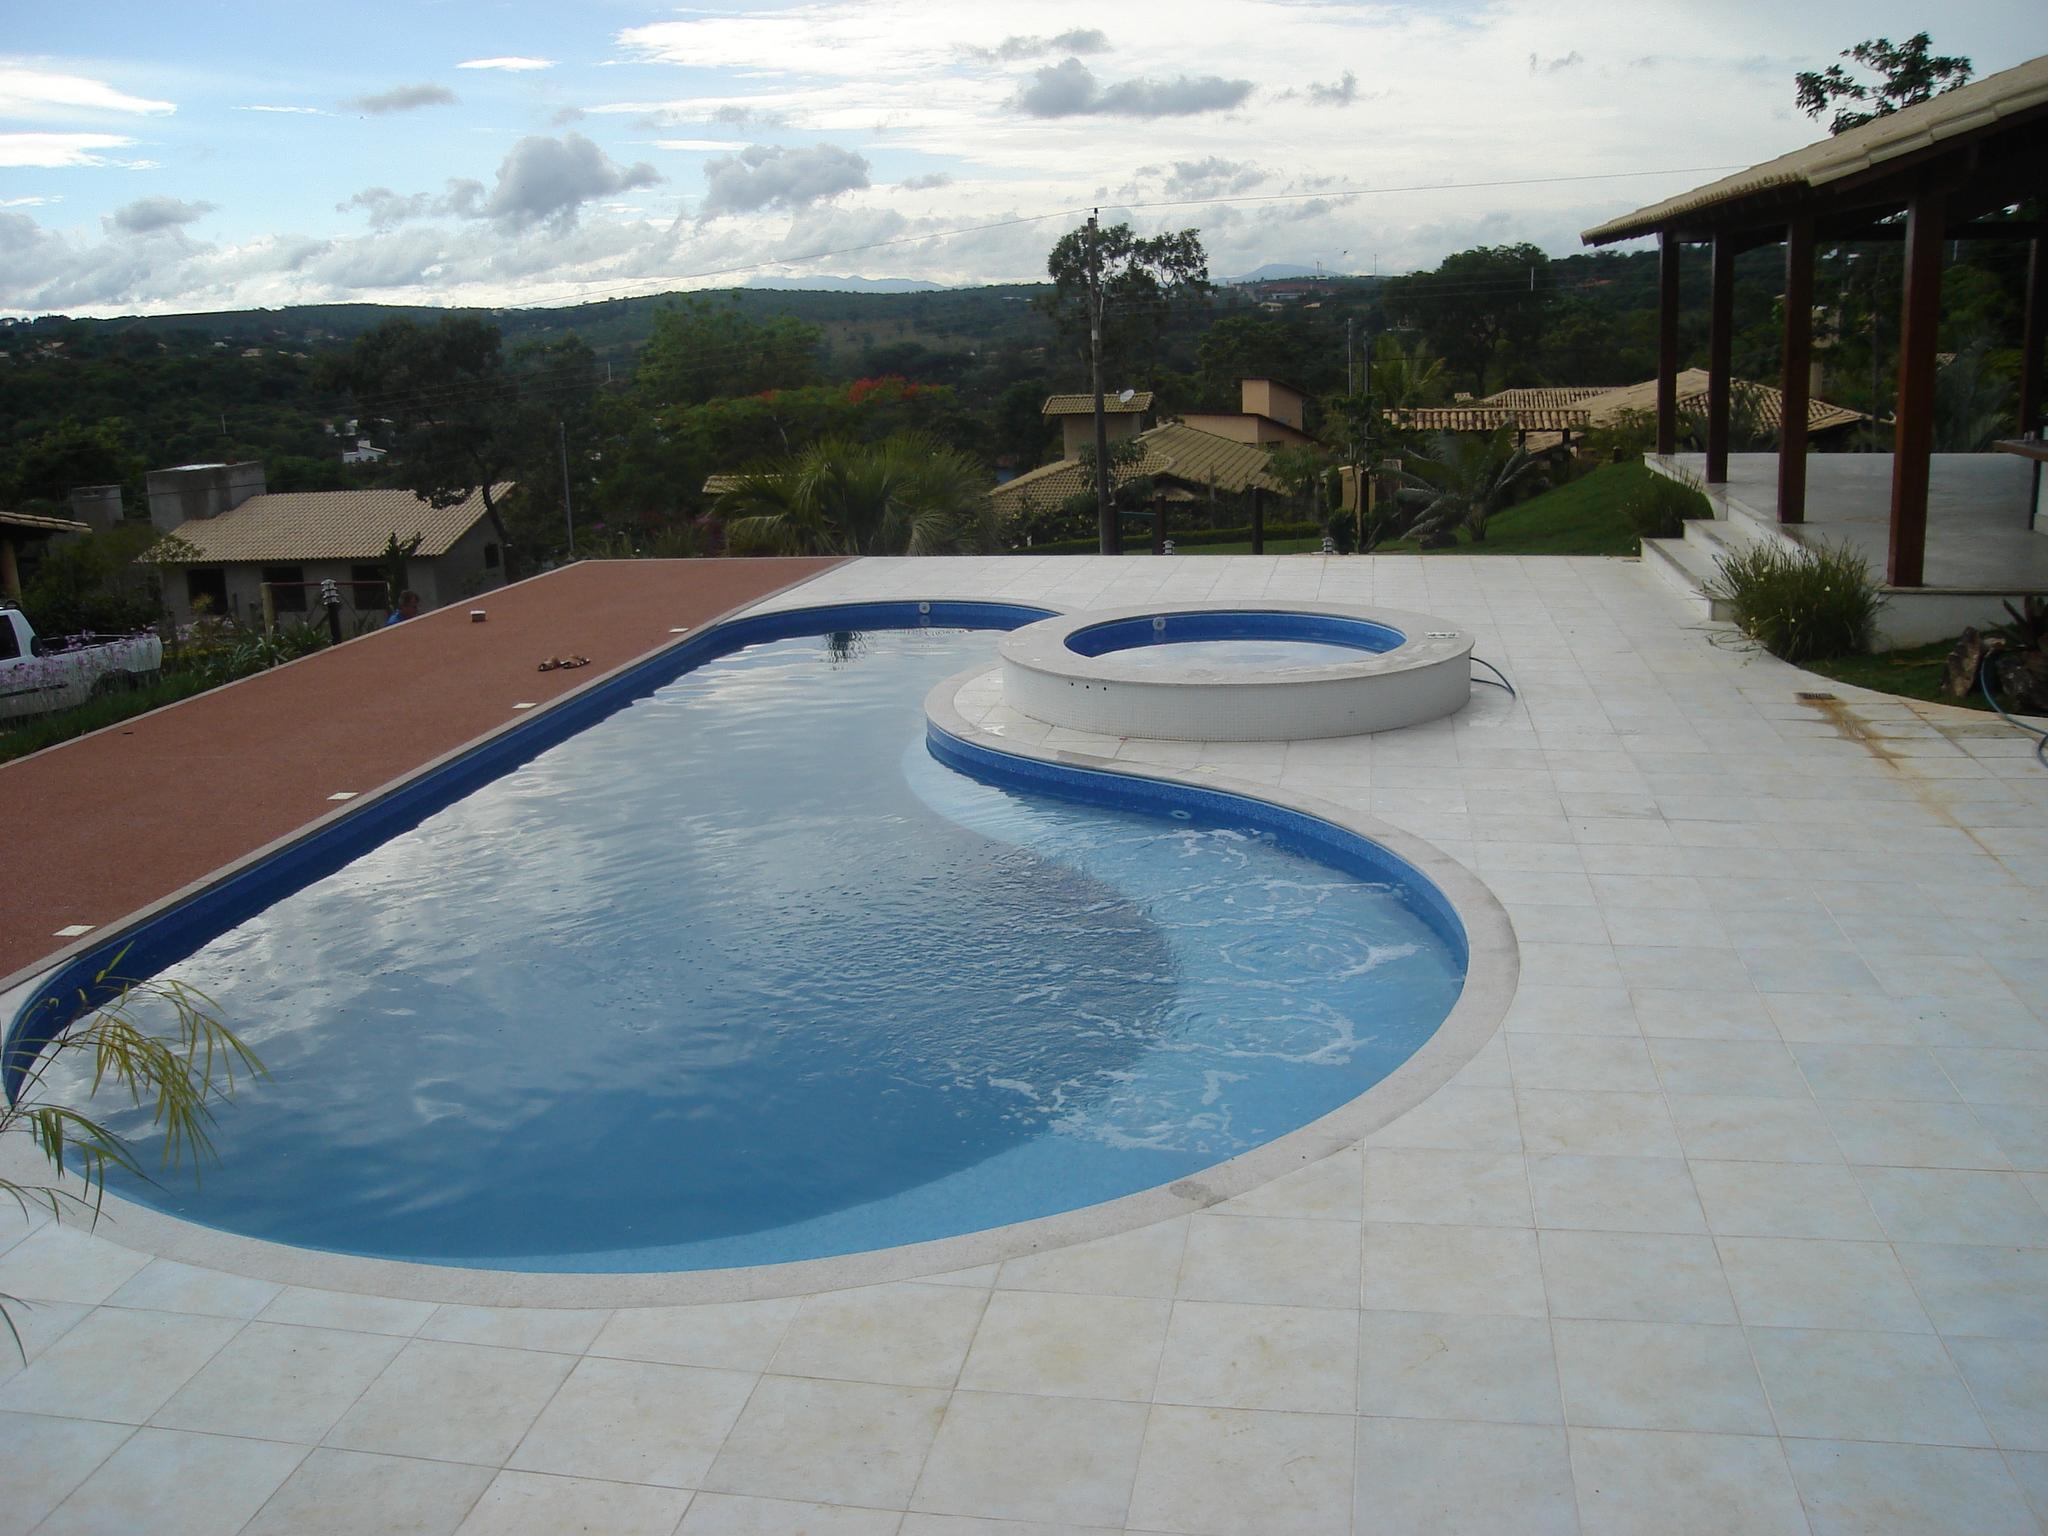 Piscina de vinil bh piscinas personalizadas loja em bh mg for Piscina piscina